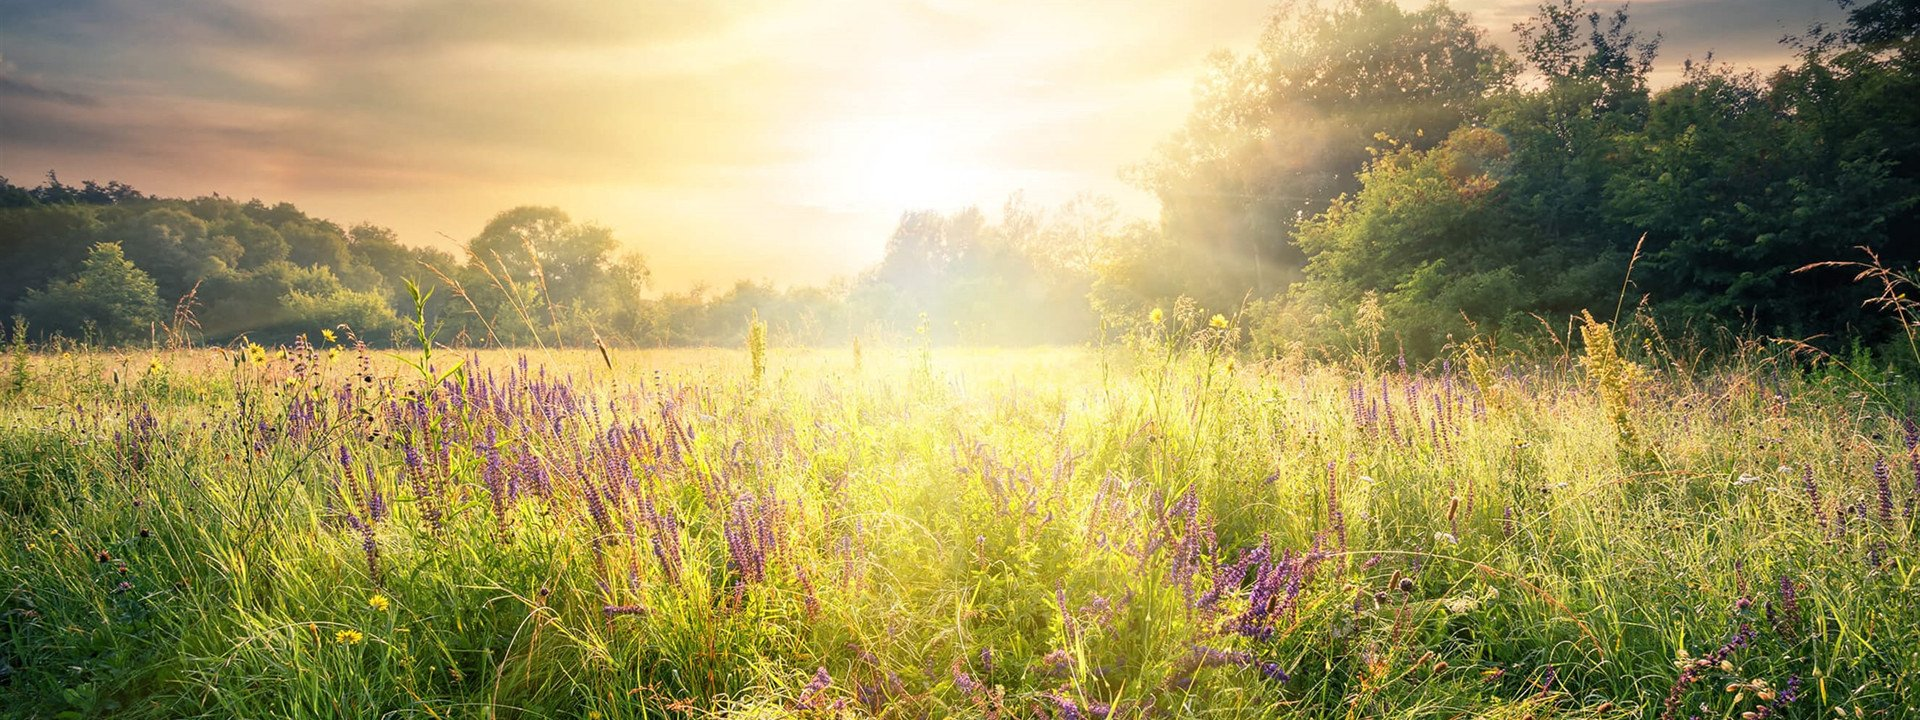 Grief & Healing | Sheetz Funeral Home, Inc